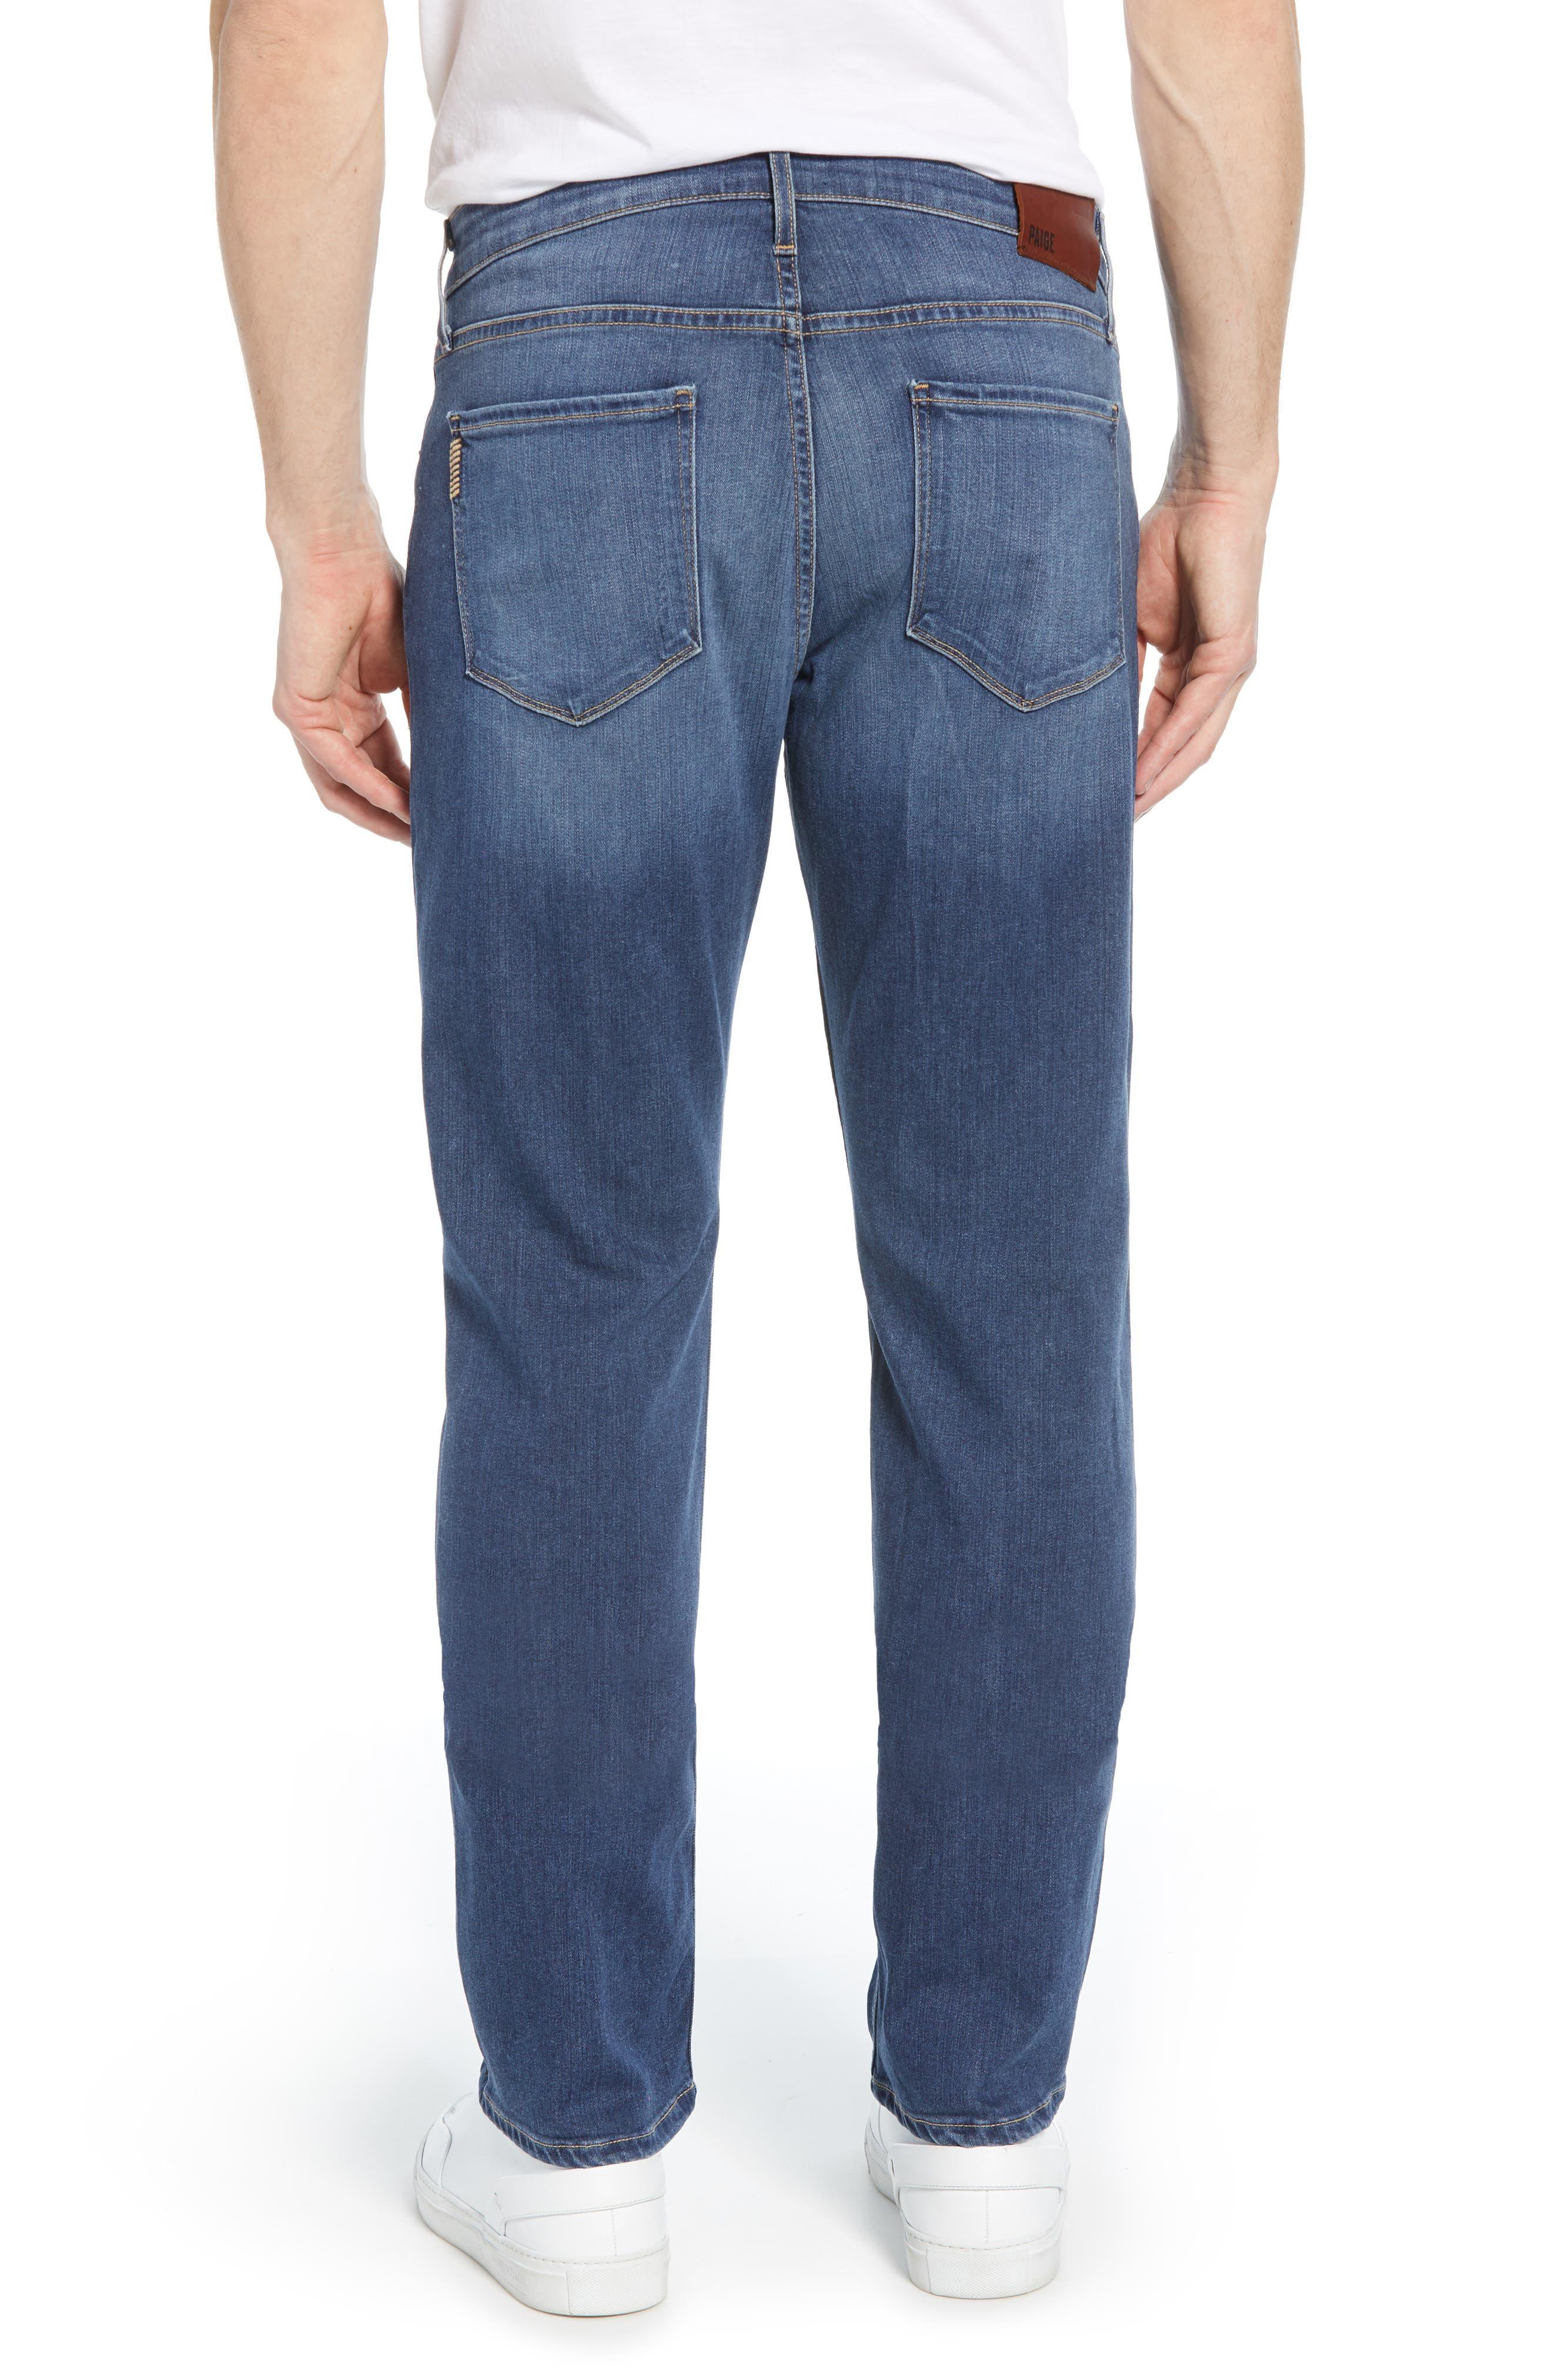 PAIGE, Transcend - Normandie Straight Leg Jeans, Alternate thumbnail 3, color, BIRCH